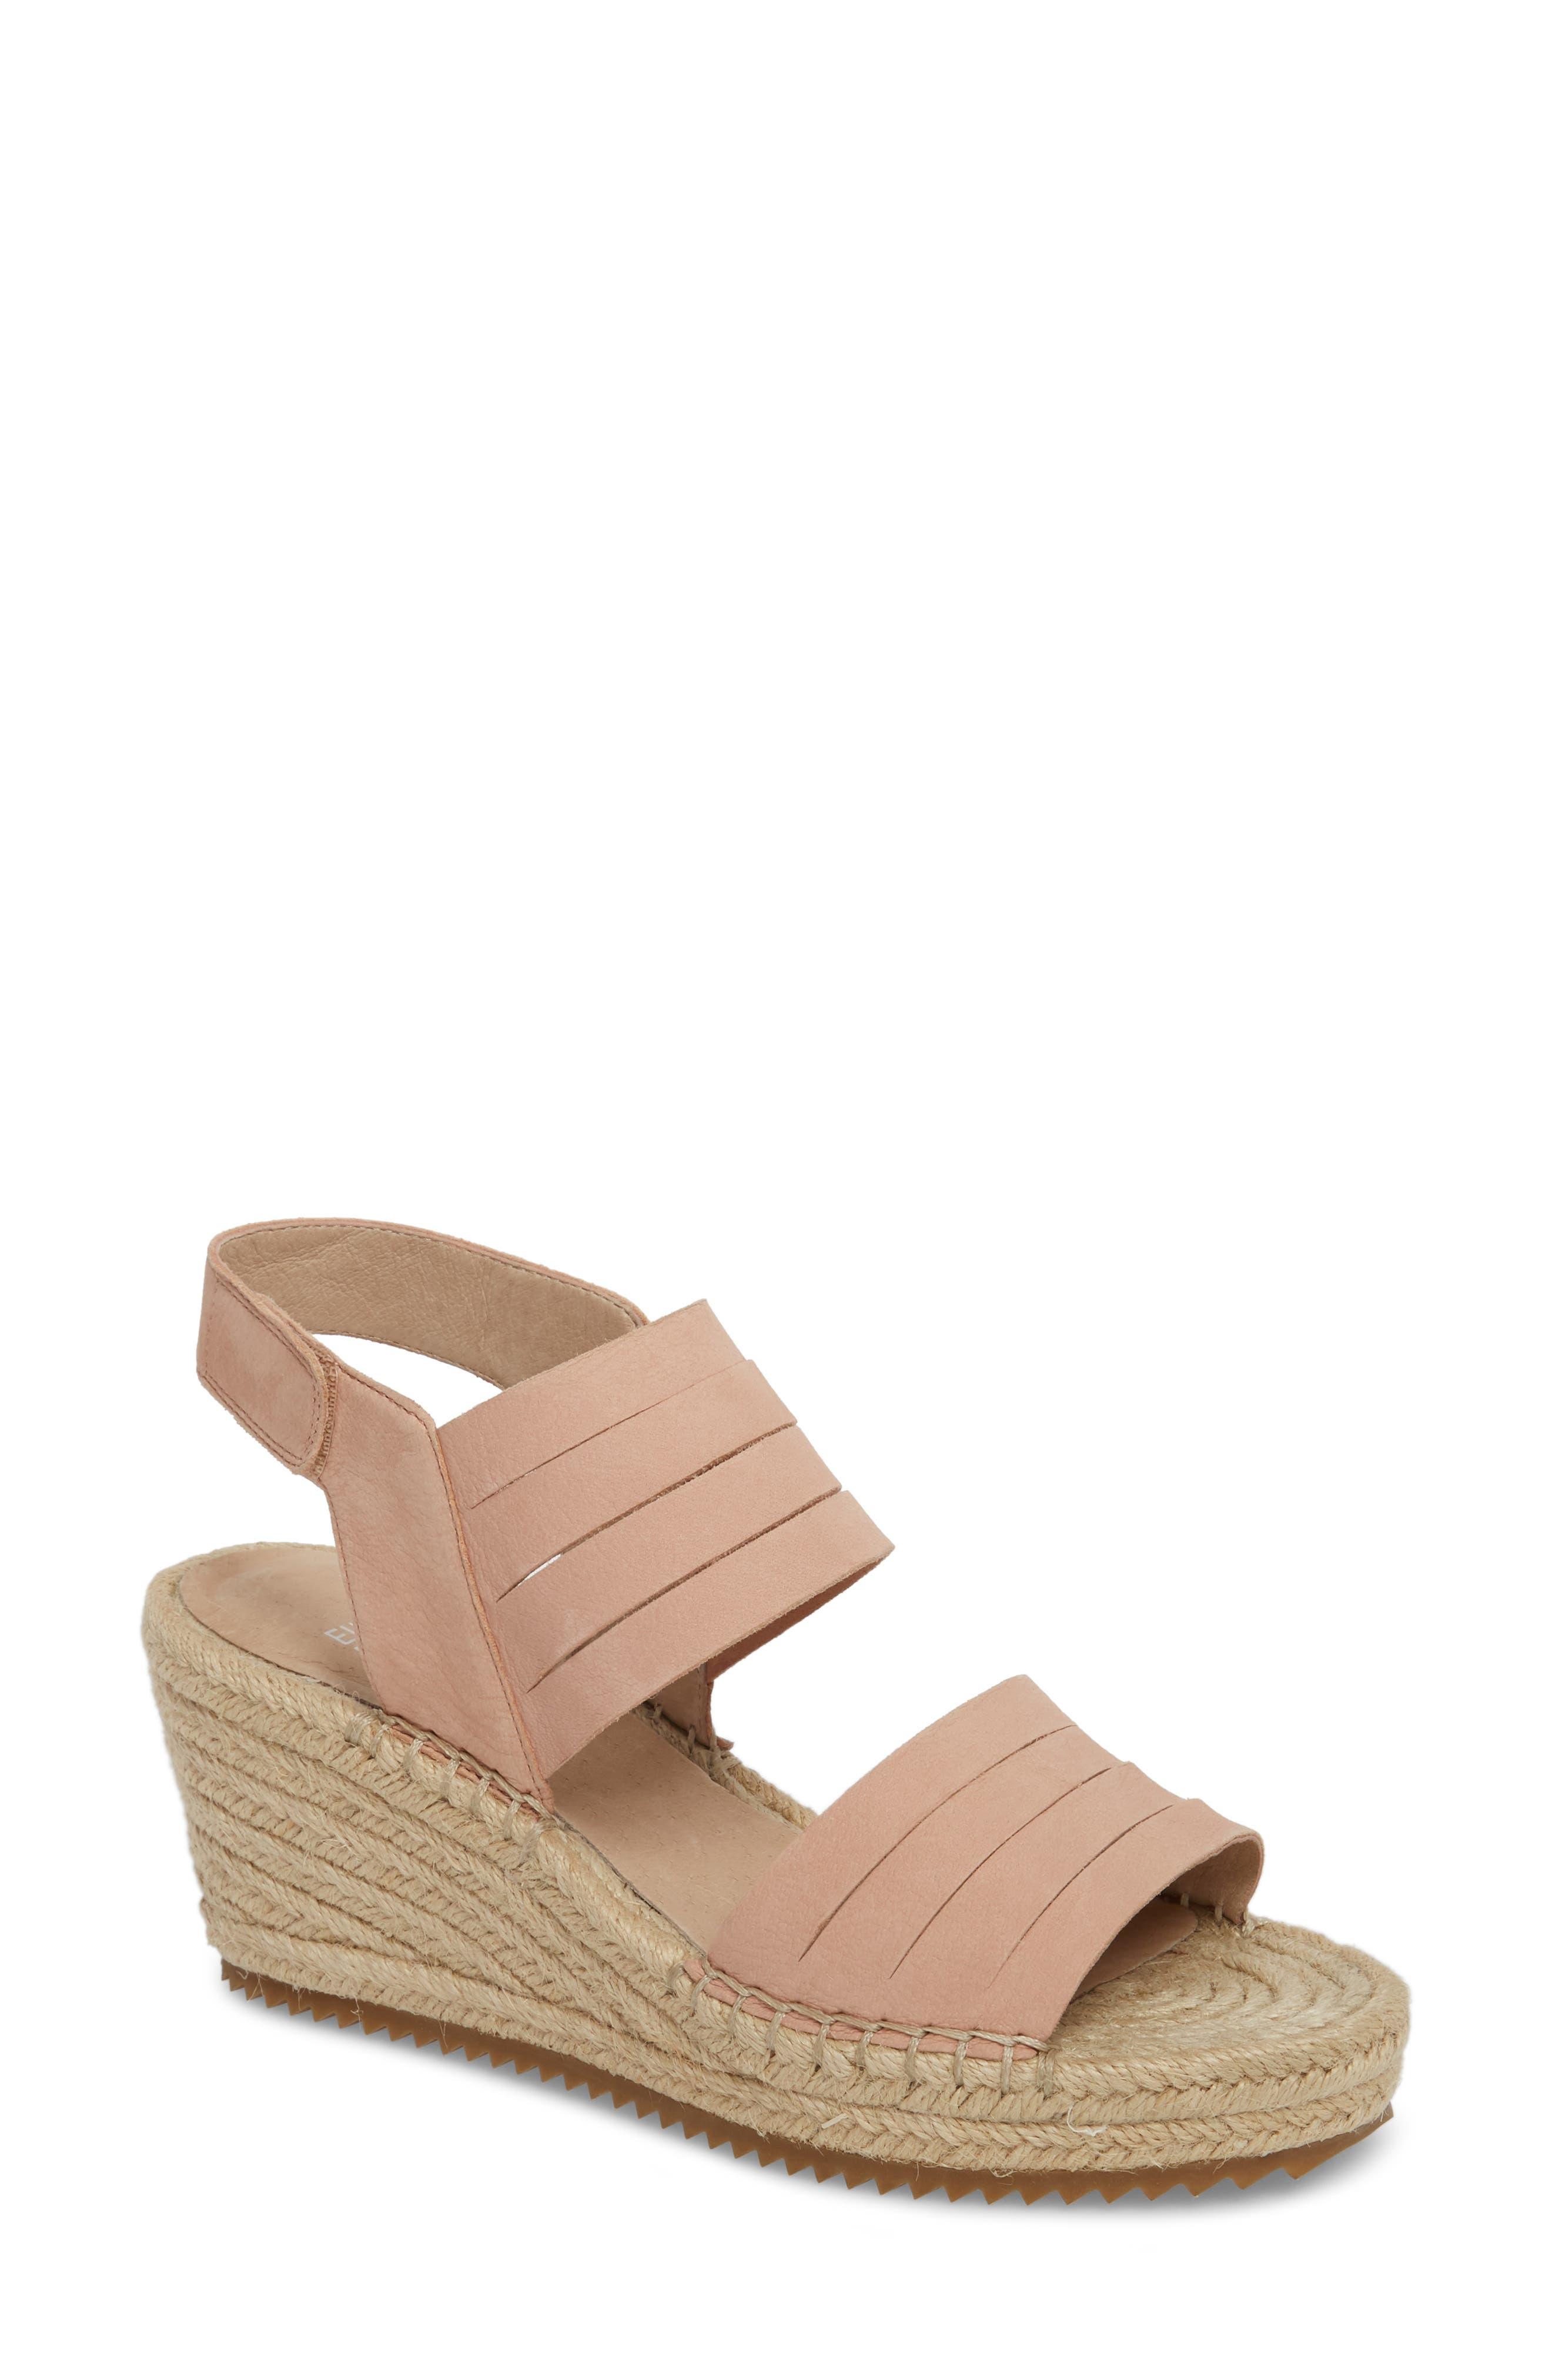 Eileen Fisher Largo Espadrille Wedge Sandals 8gz8gZ